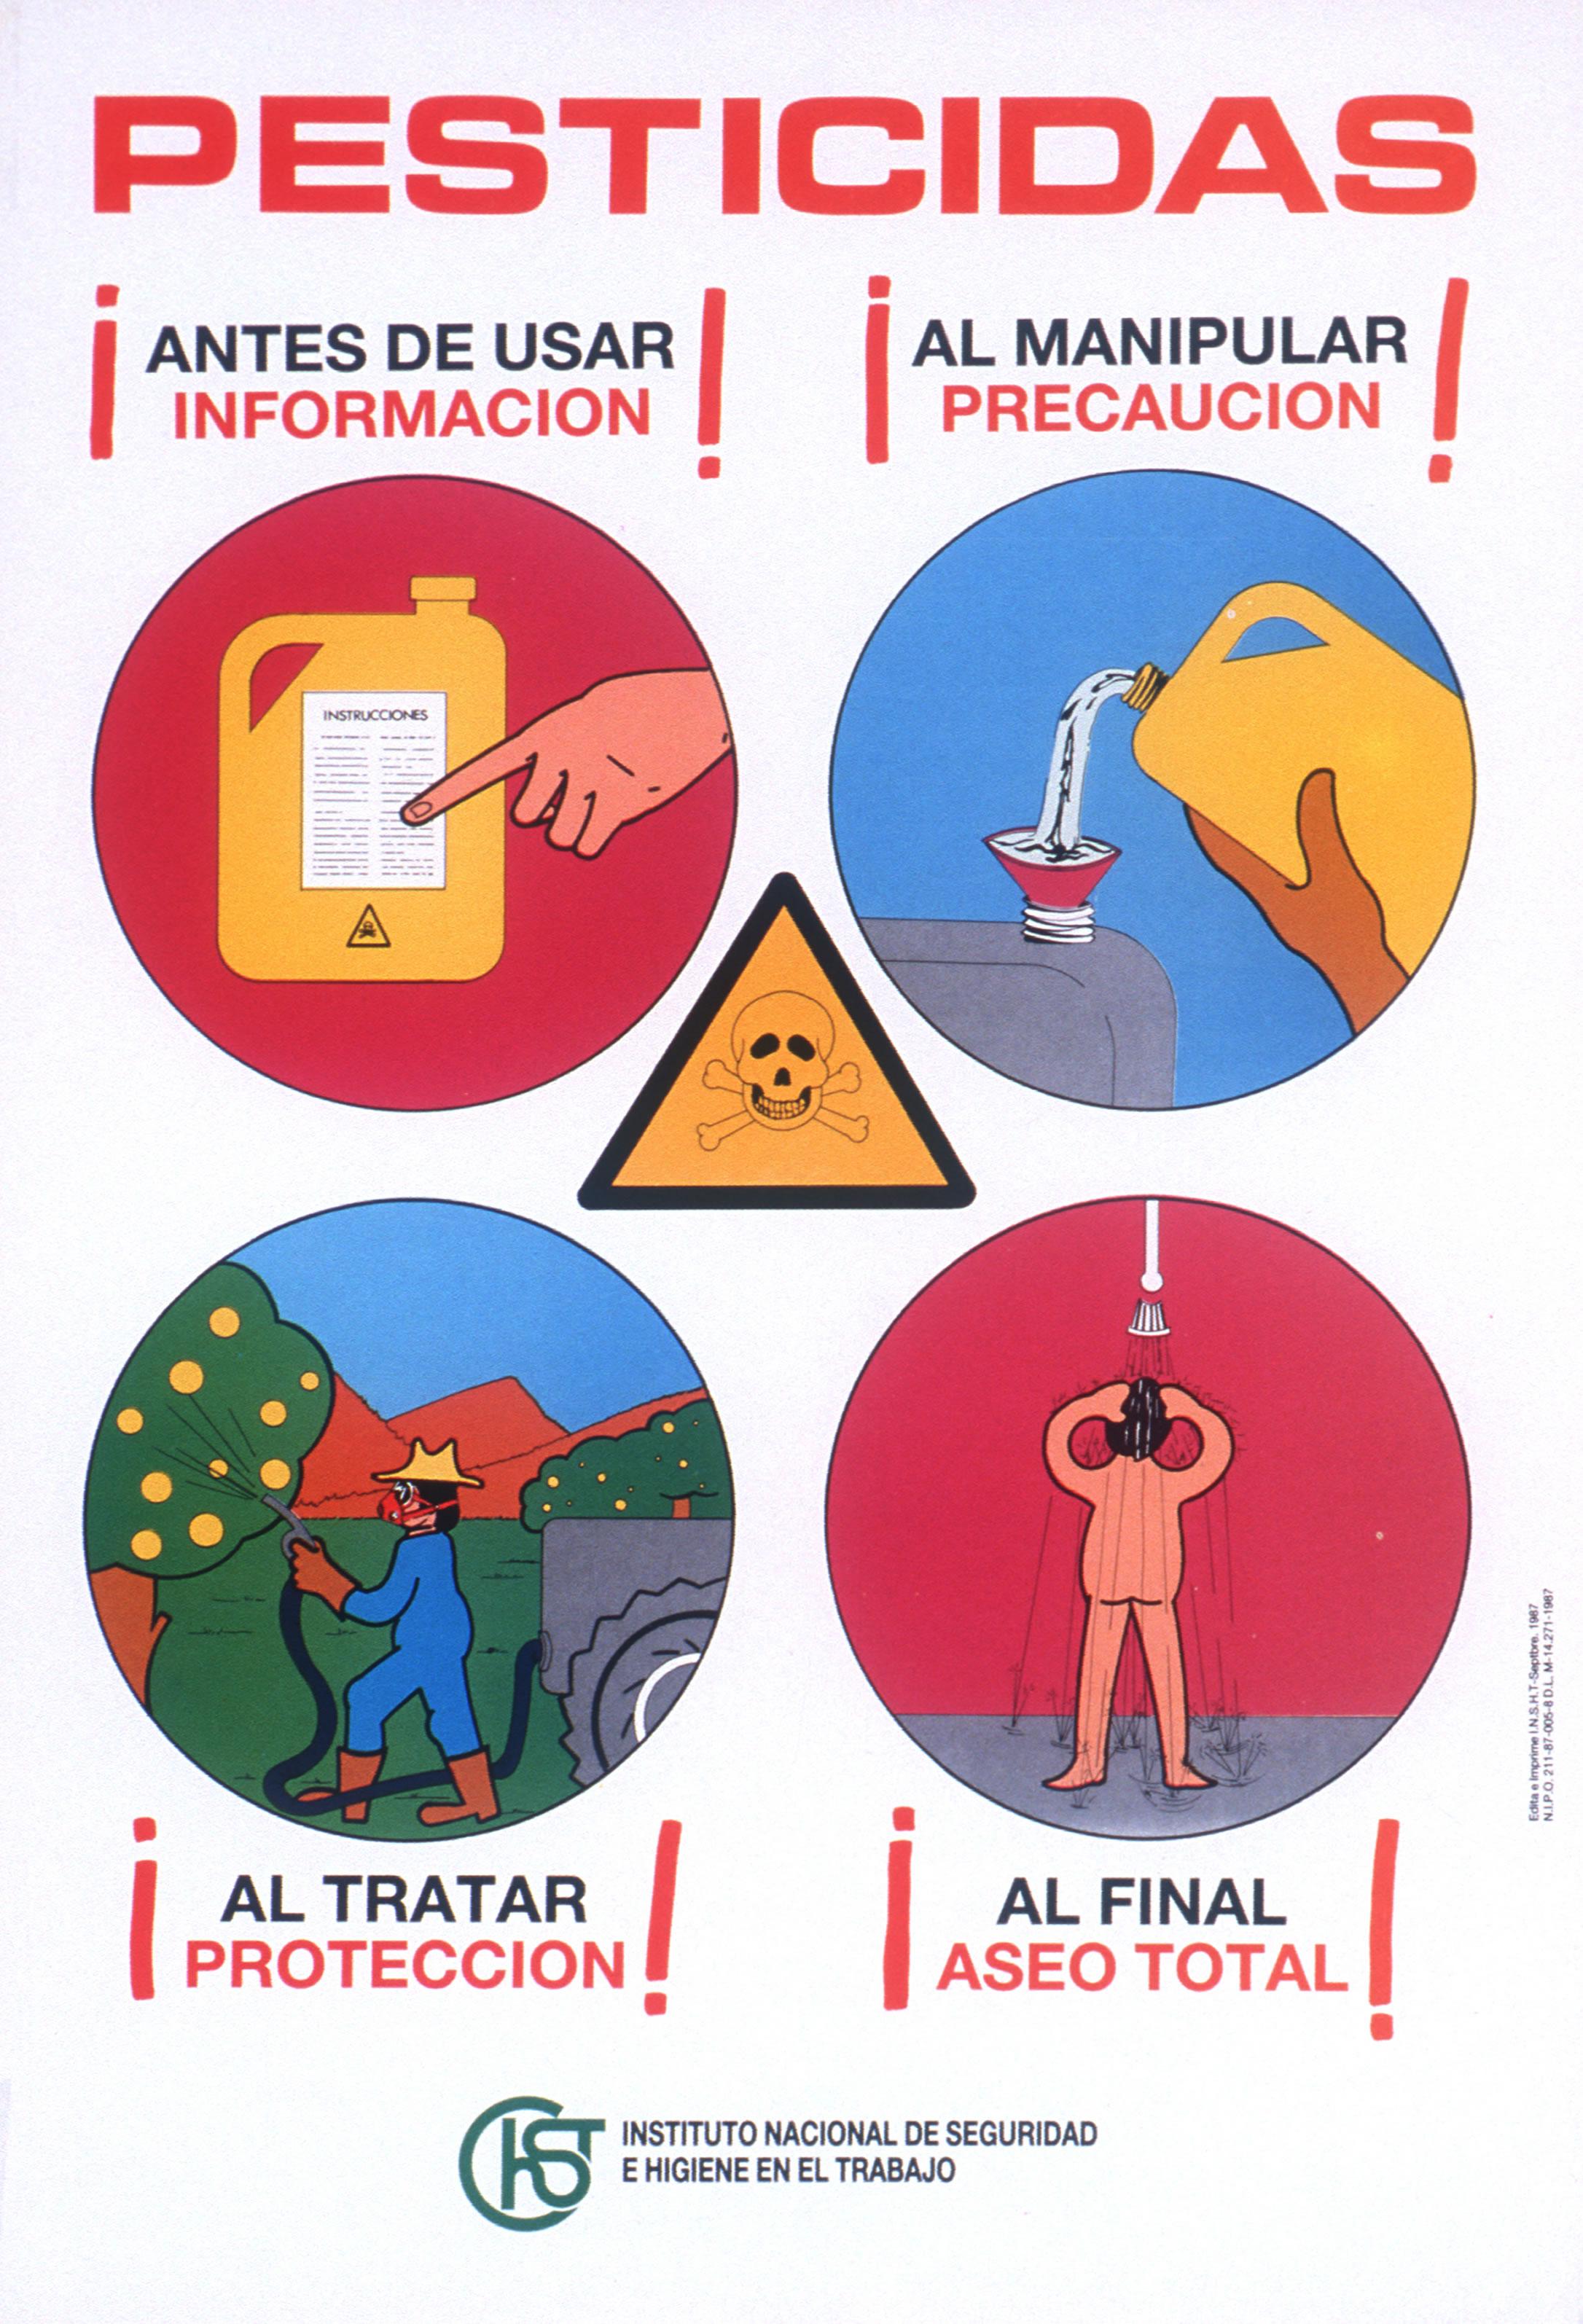 Cartel. Pesticidas - Año 2000